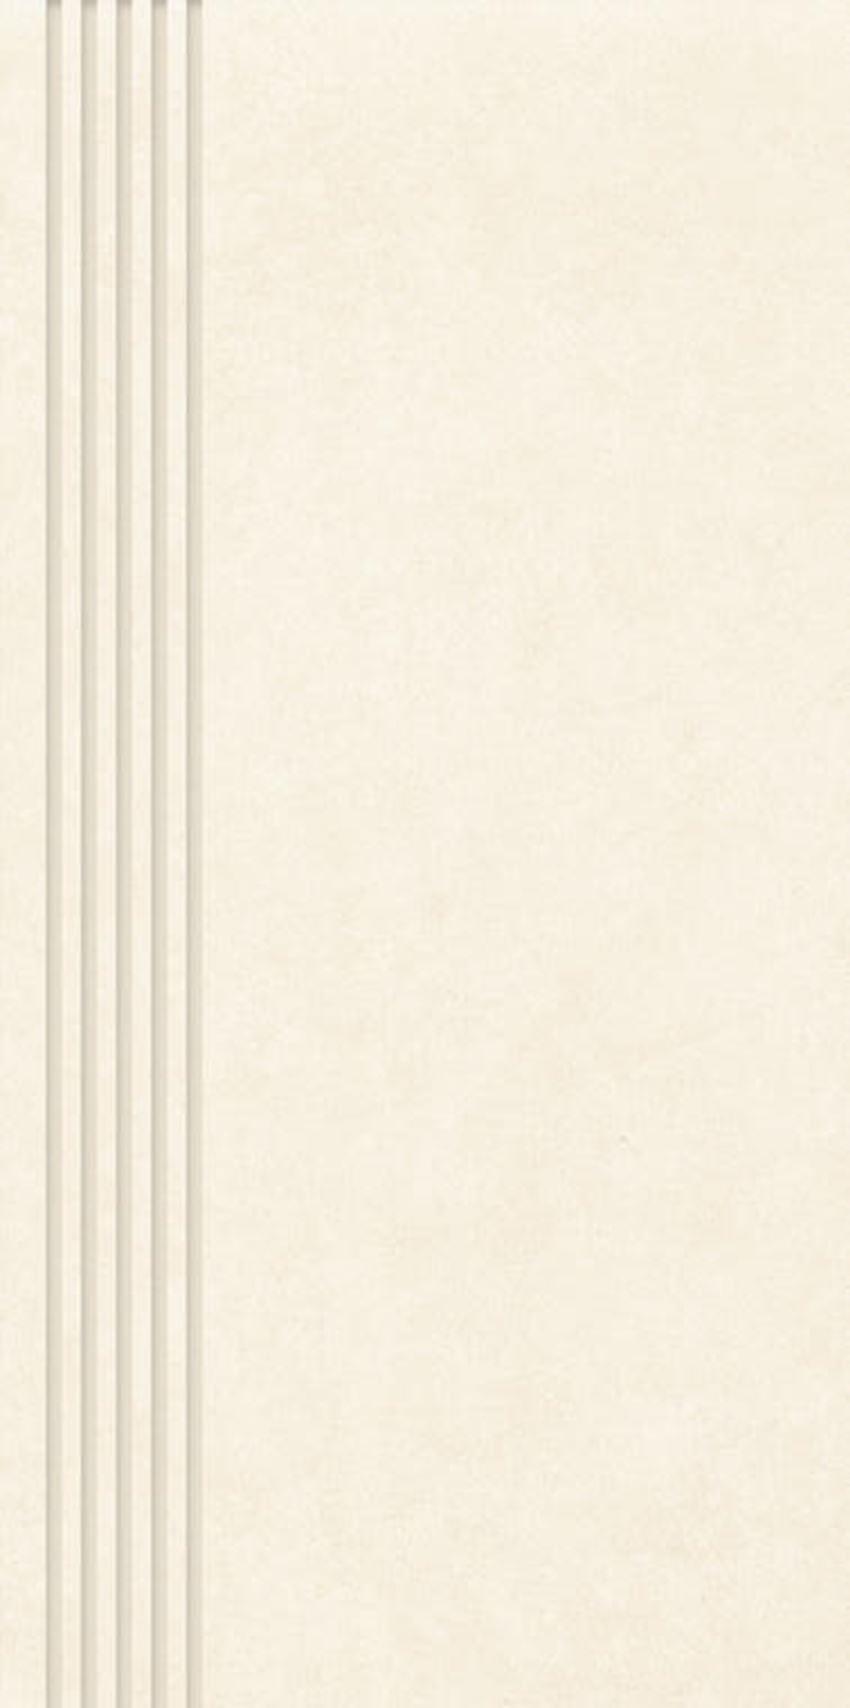 Płytka stopnicowa 29,8x59,8 cm Paradyż Tero Beige Stopnica Prosta Nacinana Półpoler